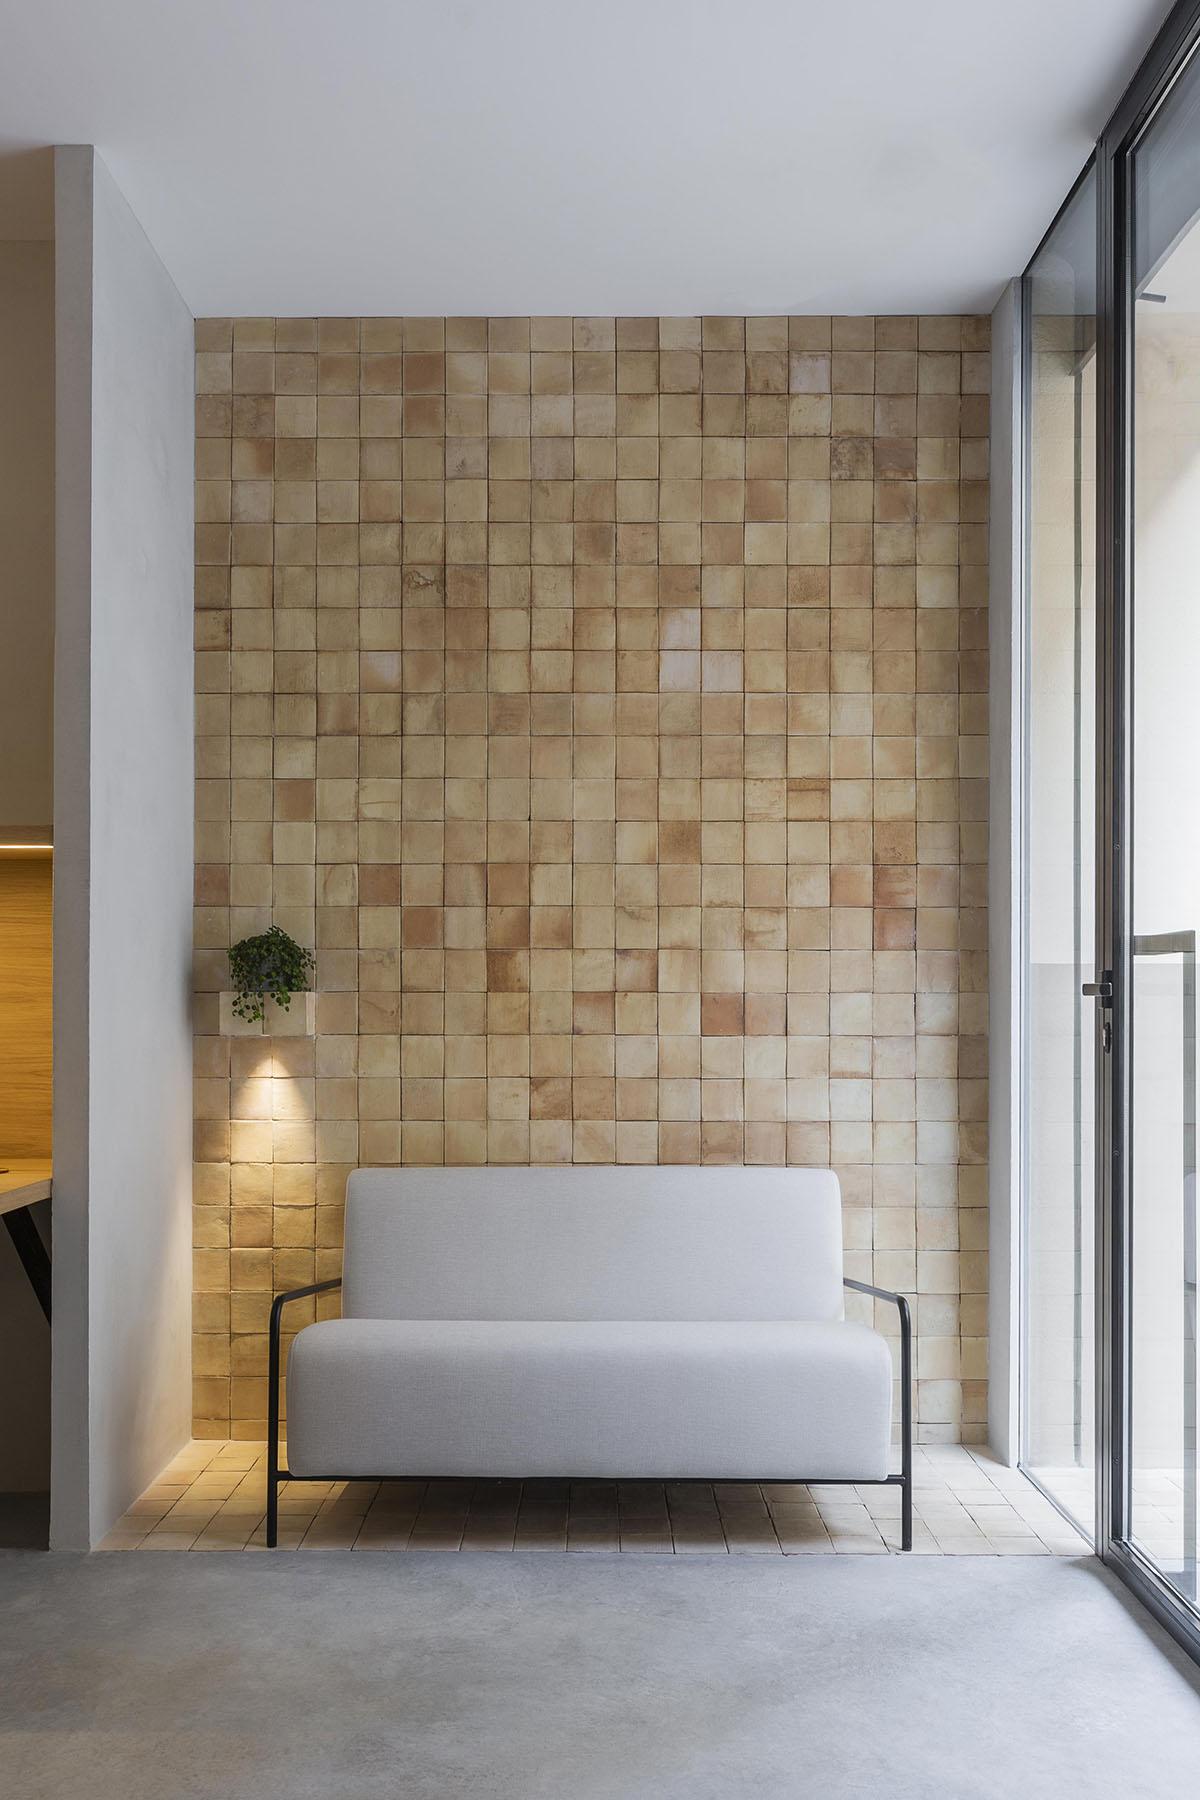 Baldosas barro revestimiento paredes oficina Valencia